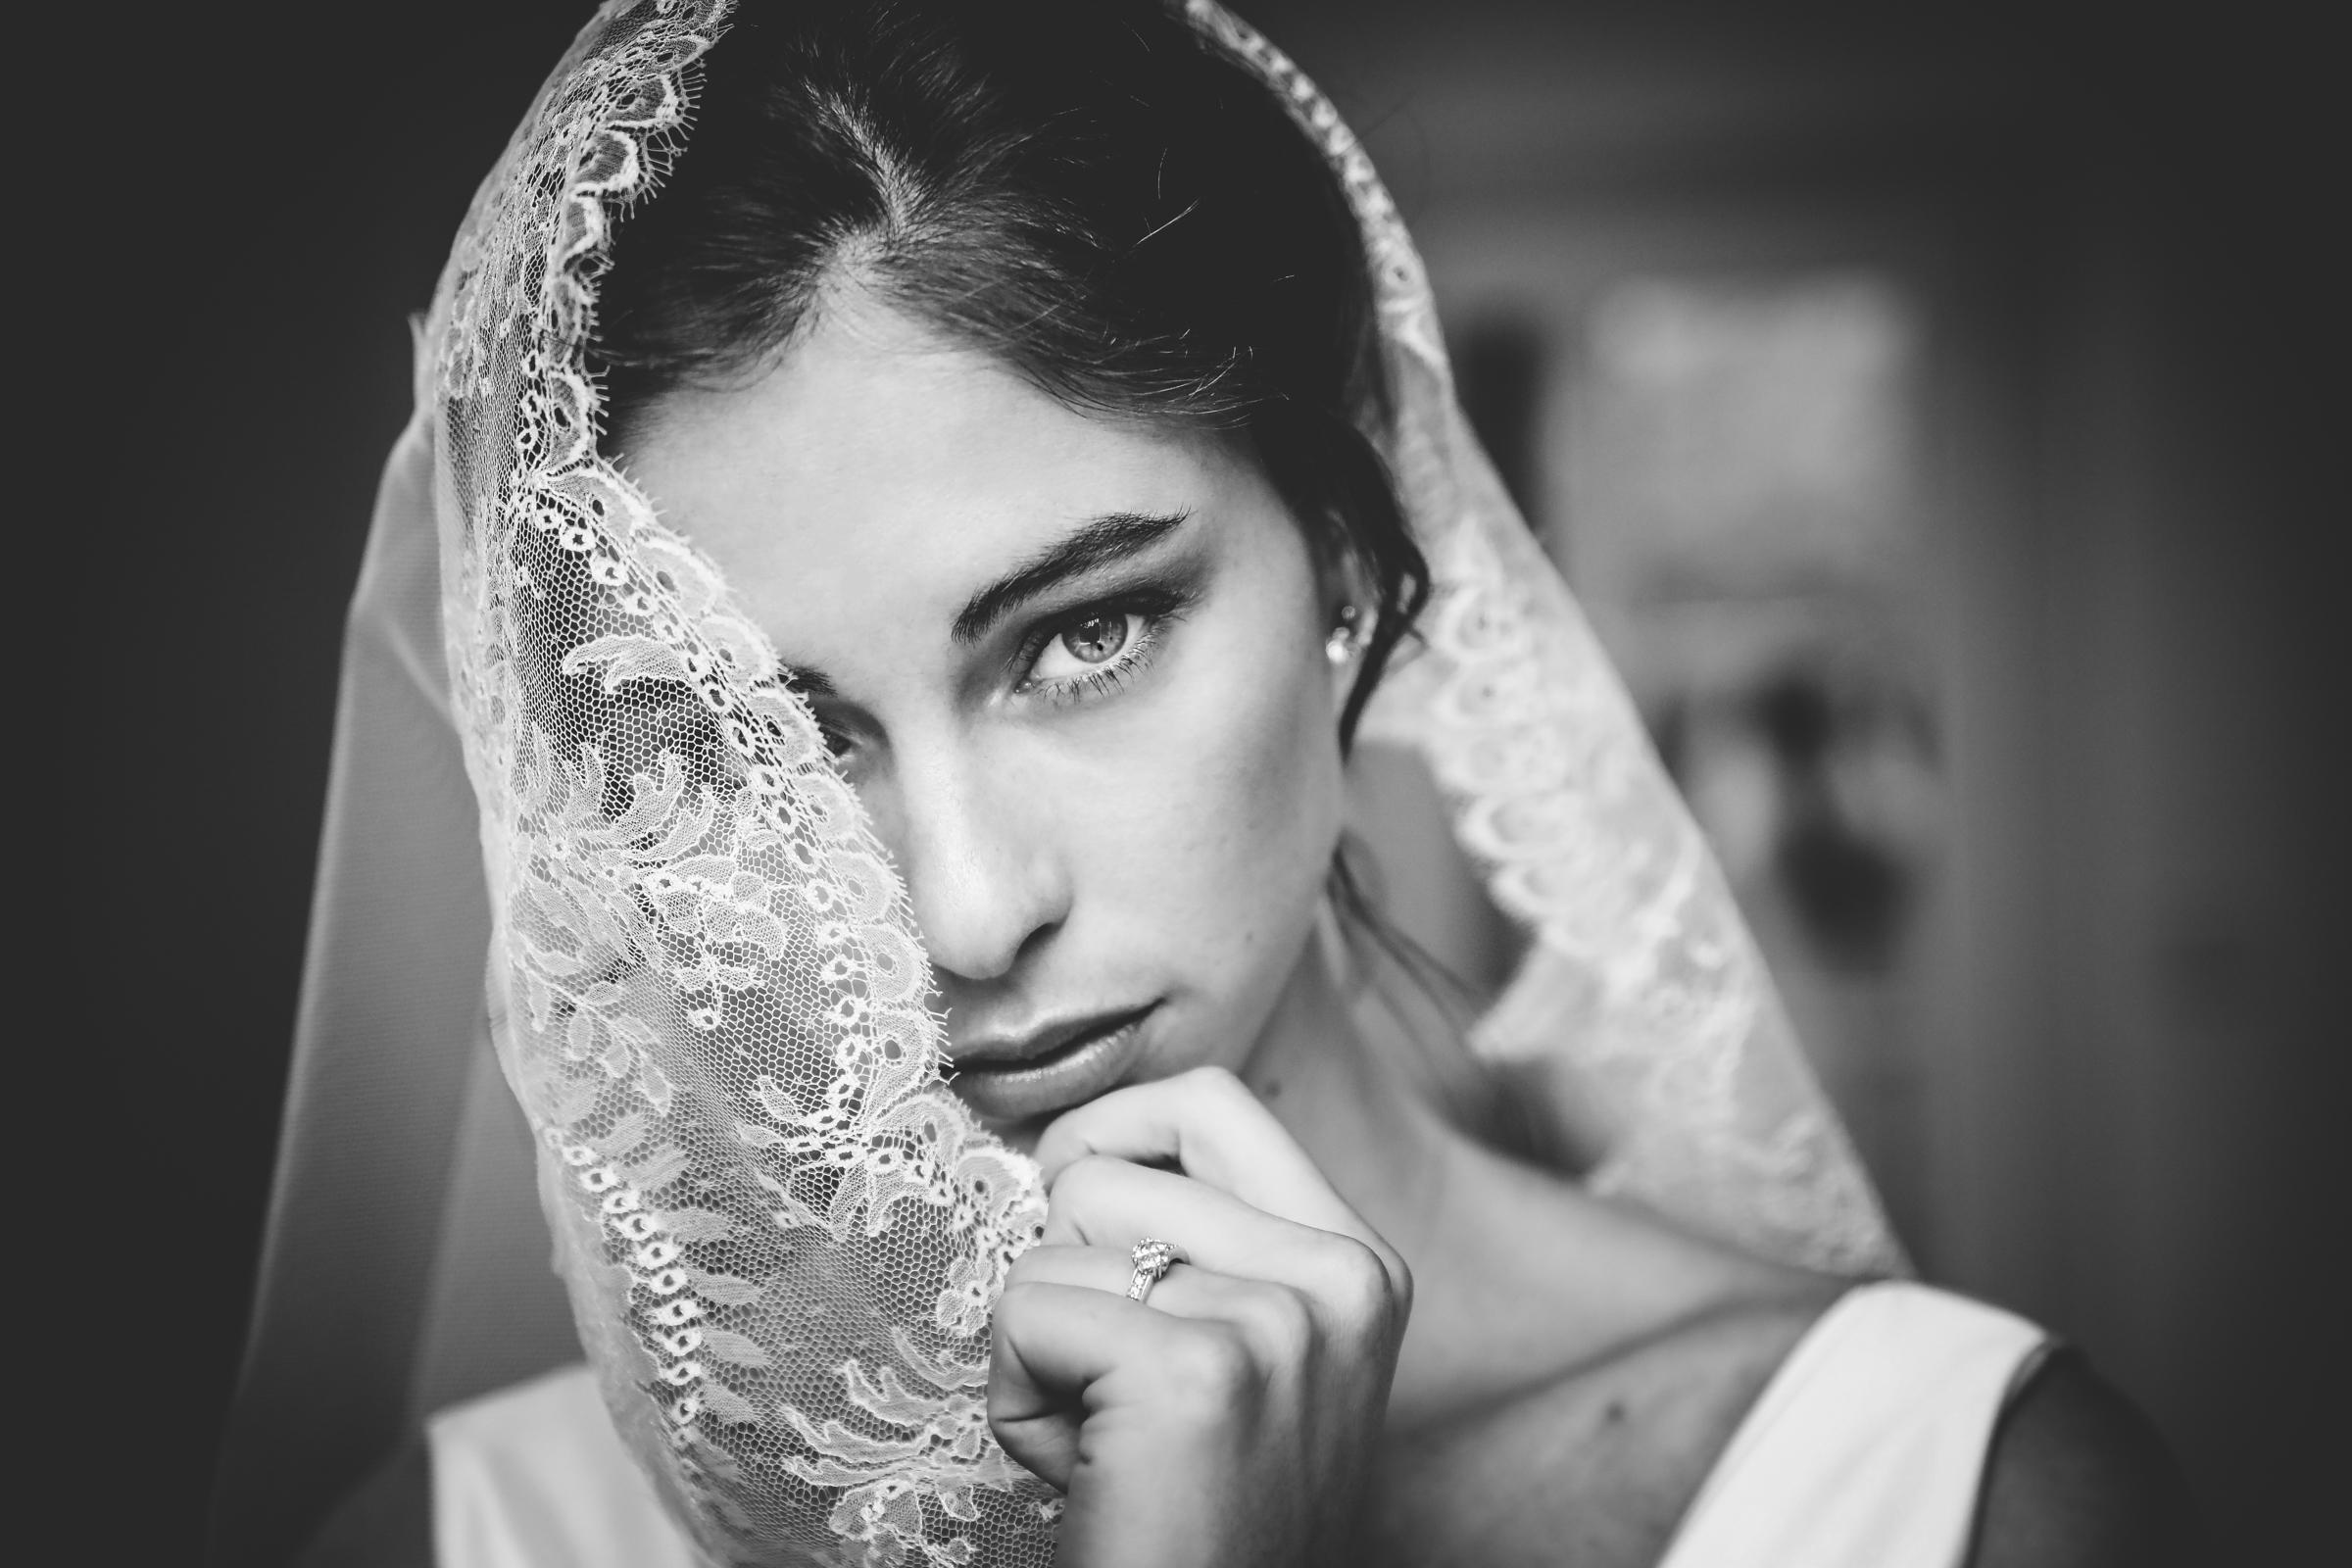 portrait-of-bride-peeking-from-behind-veil-julien-laurent-georges